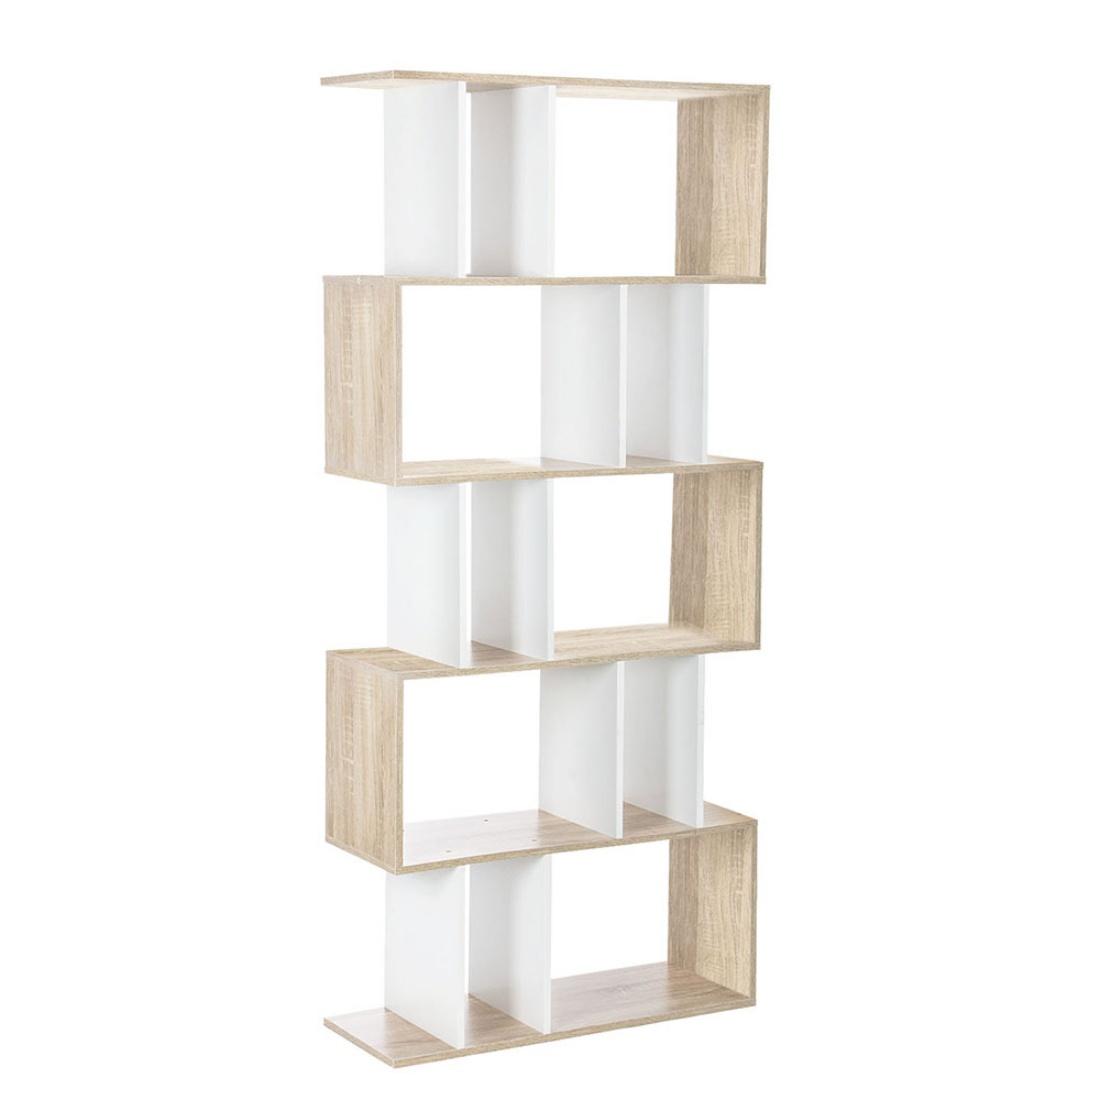 5 Tier Display/Book/Storage Shelf Unit White Brown